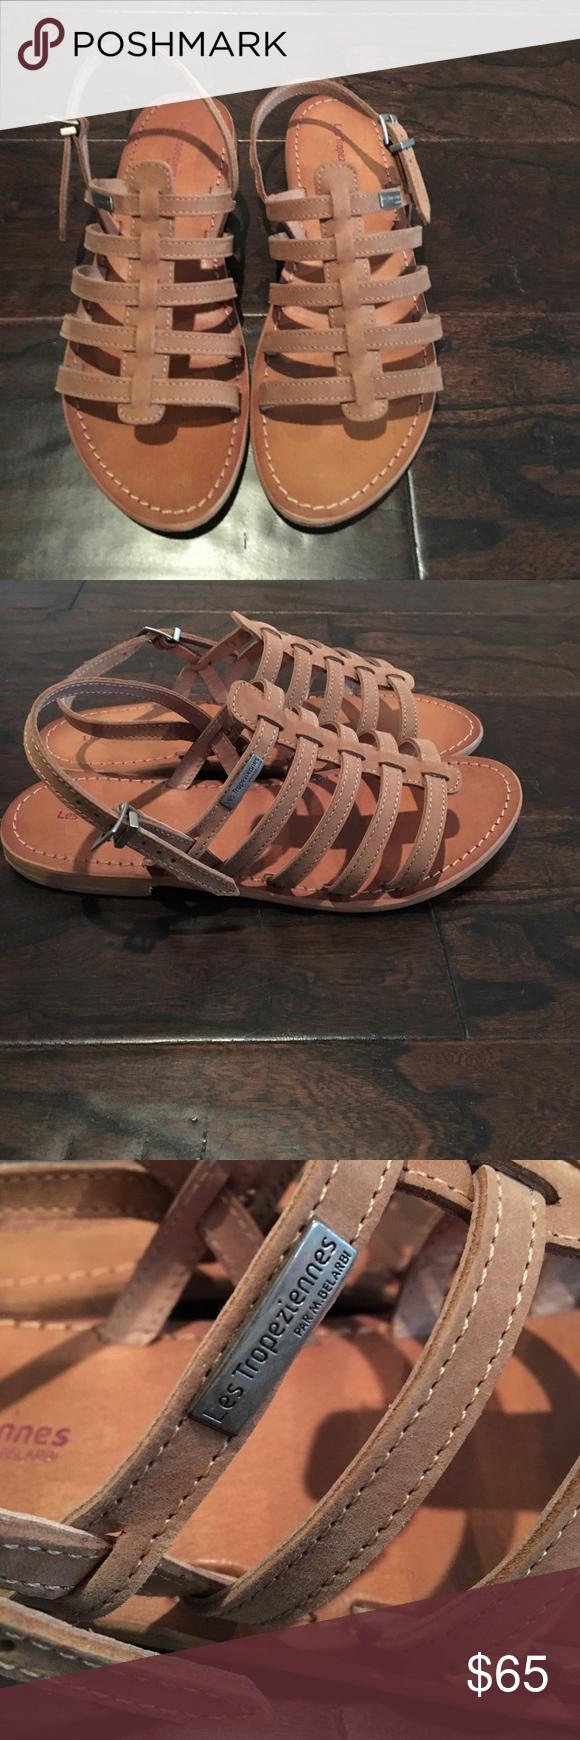 Sandals Tropeziennes 5 Size Les 8 Twice Worn 6vxqTw5wC